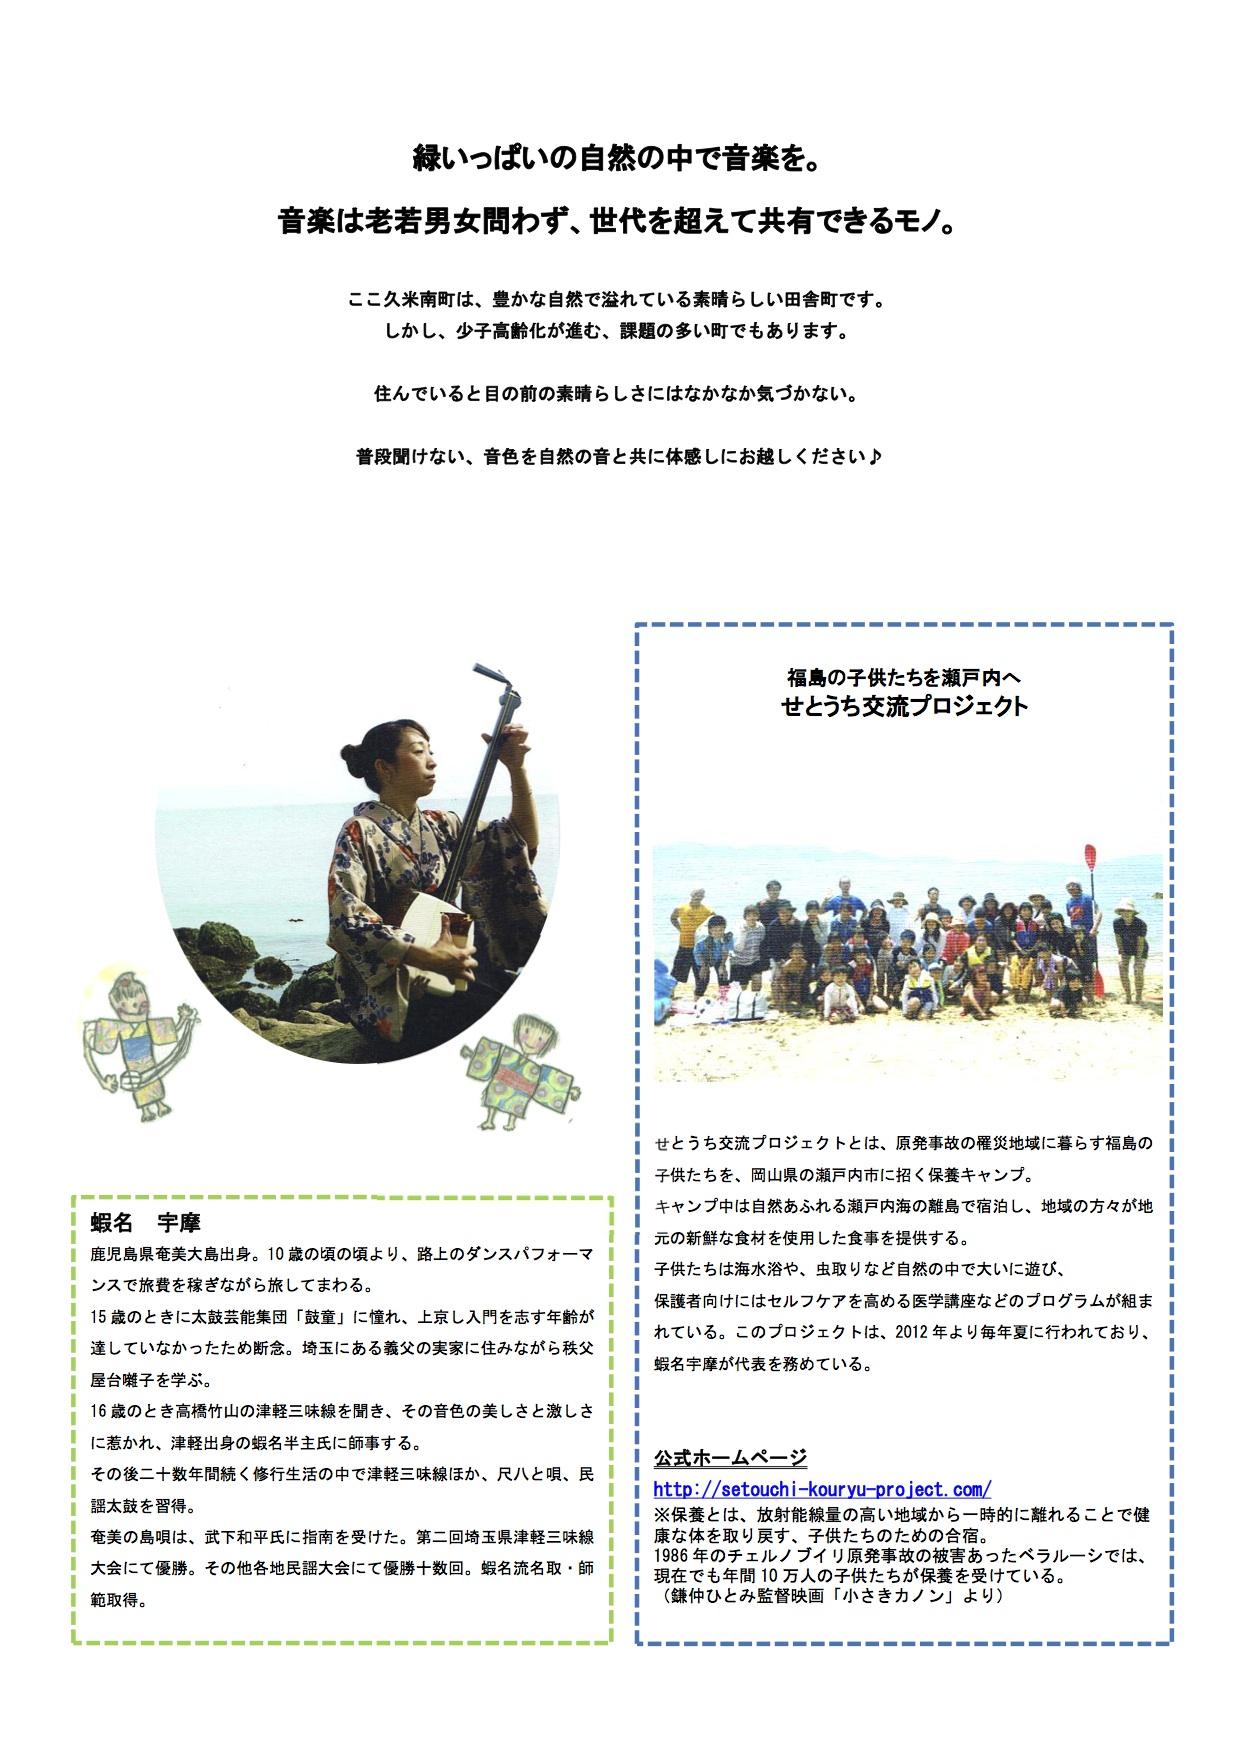 """""""音楽祭.pdf""""のプレビュー2"""